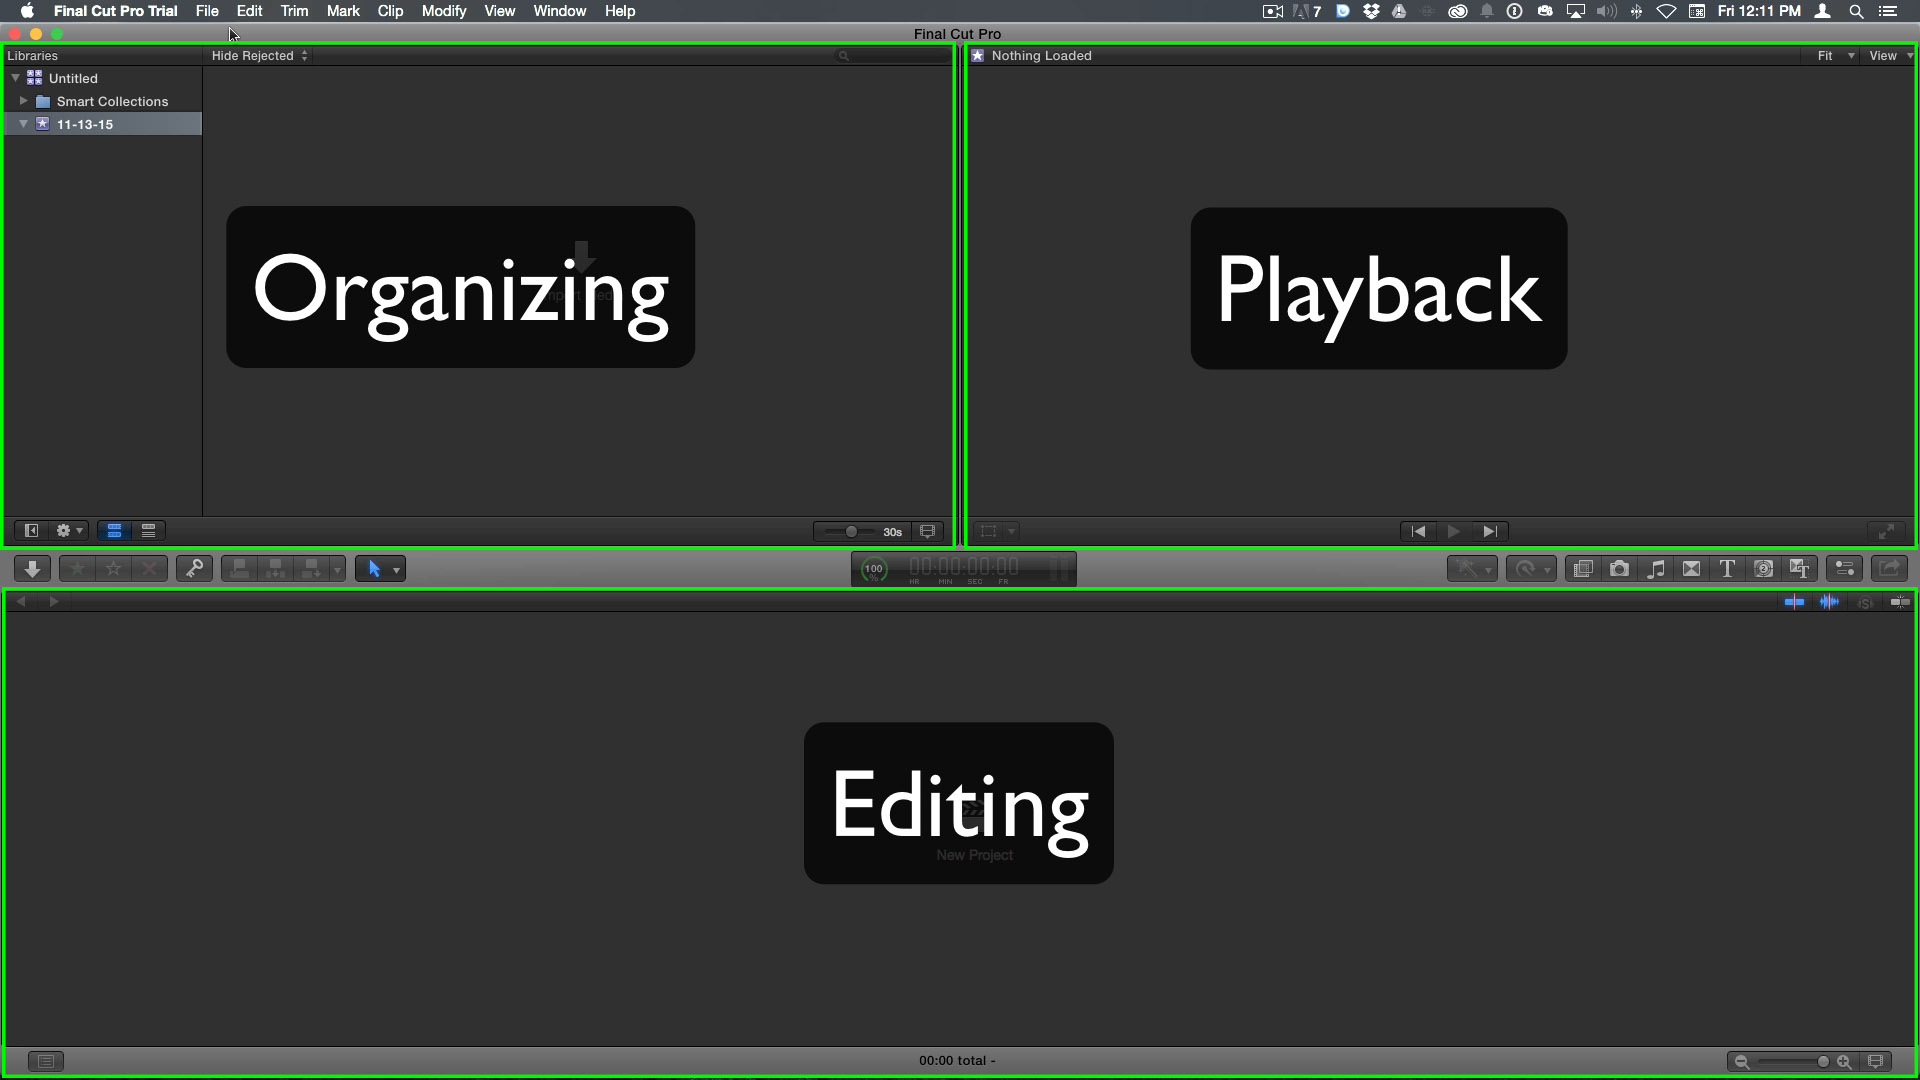 Final Cut Pro X User Interface